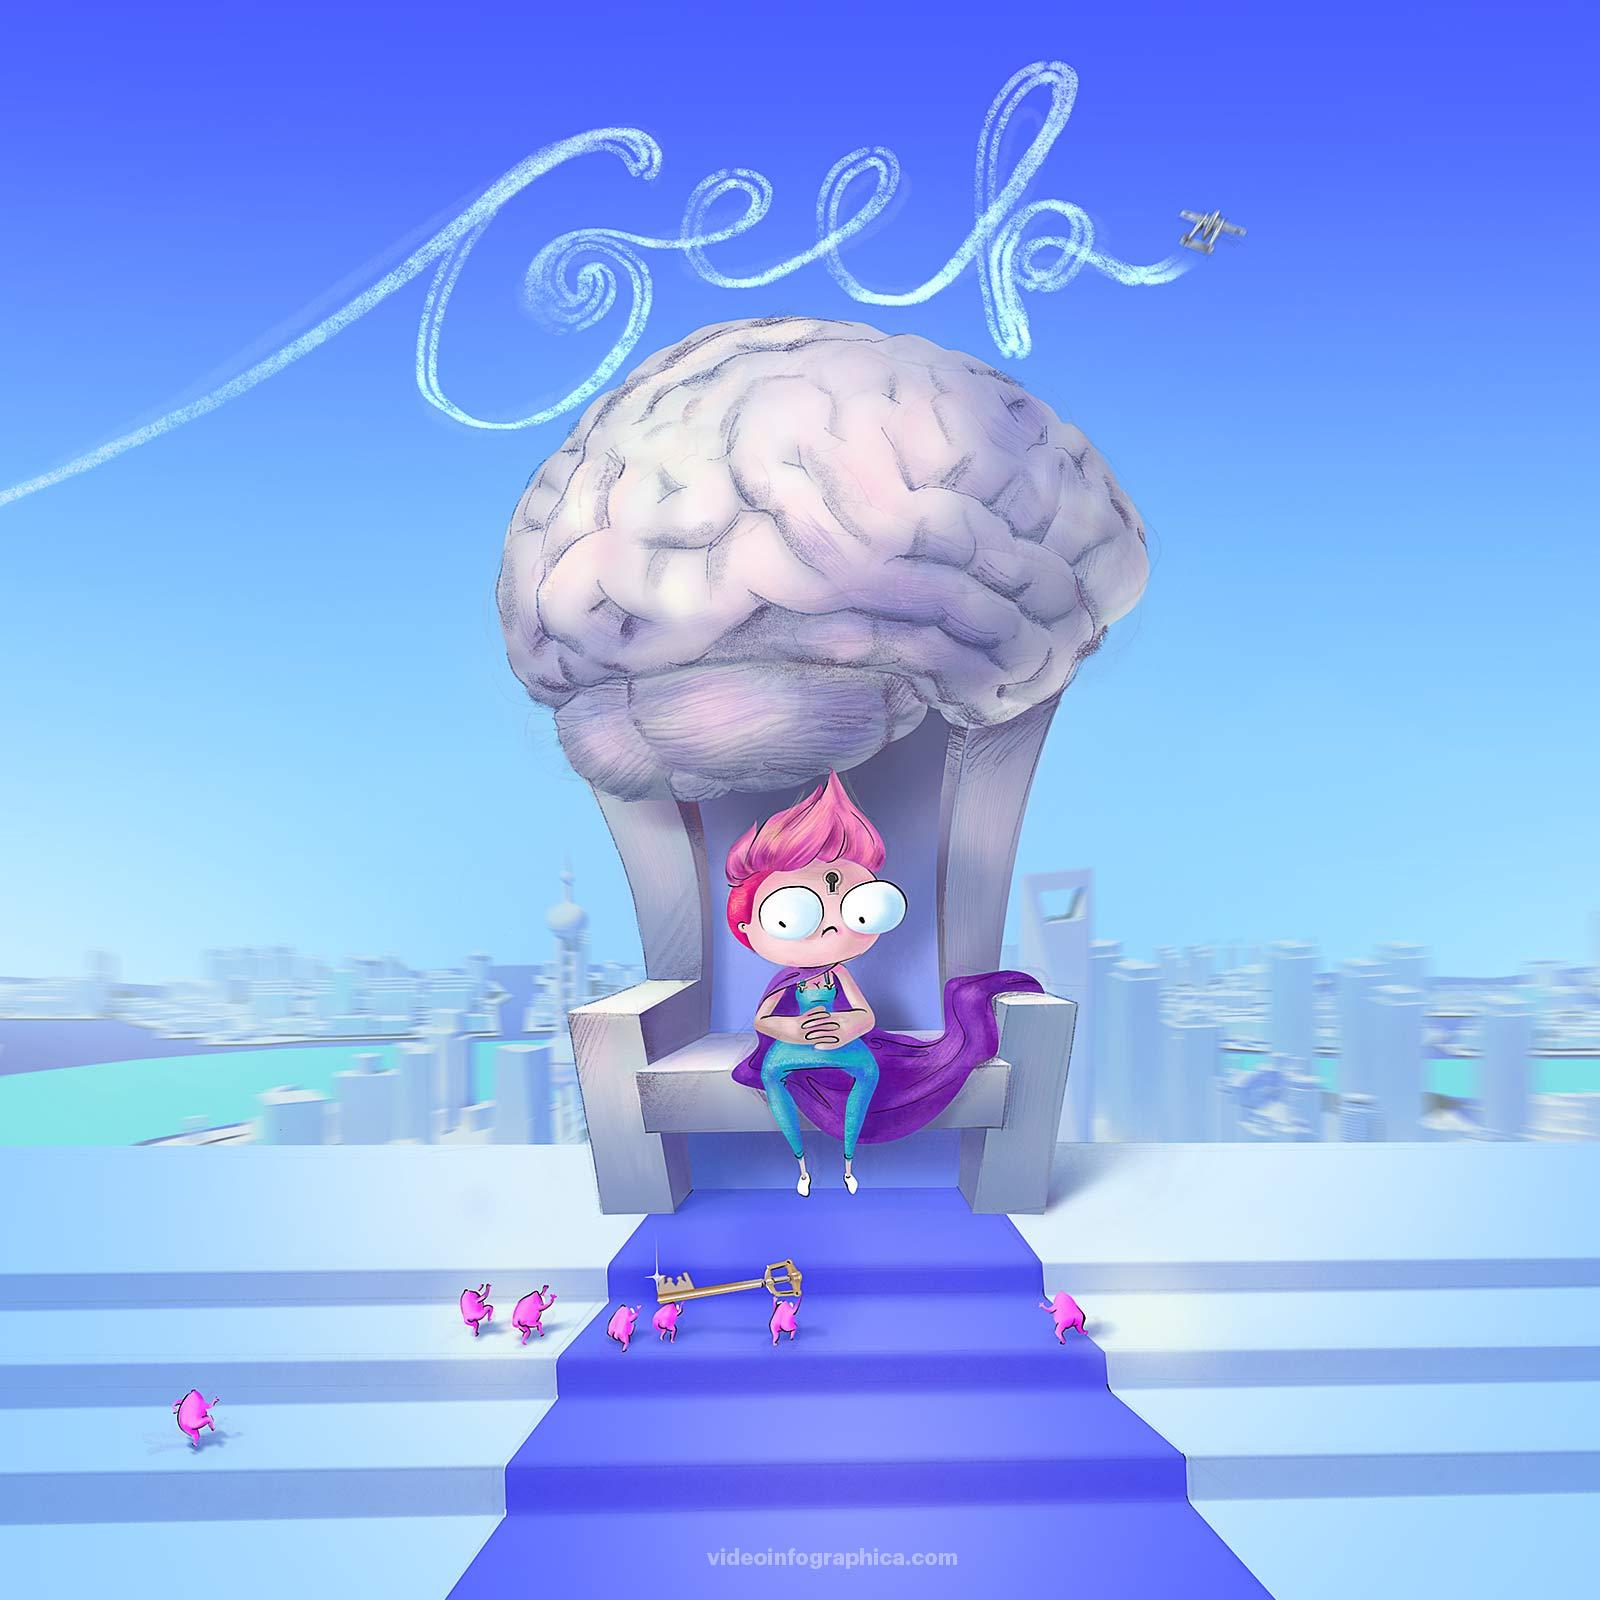 geekbrains отзывы + обзор компании - обложка